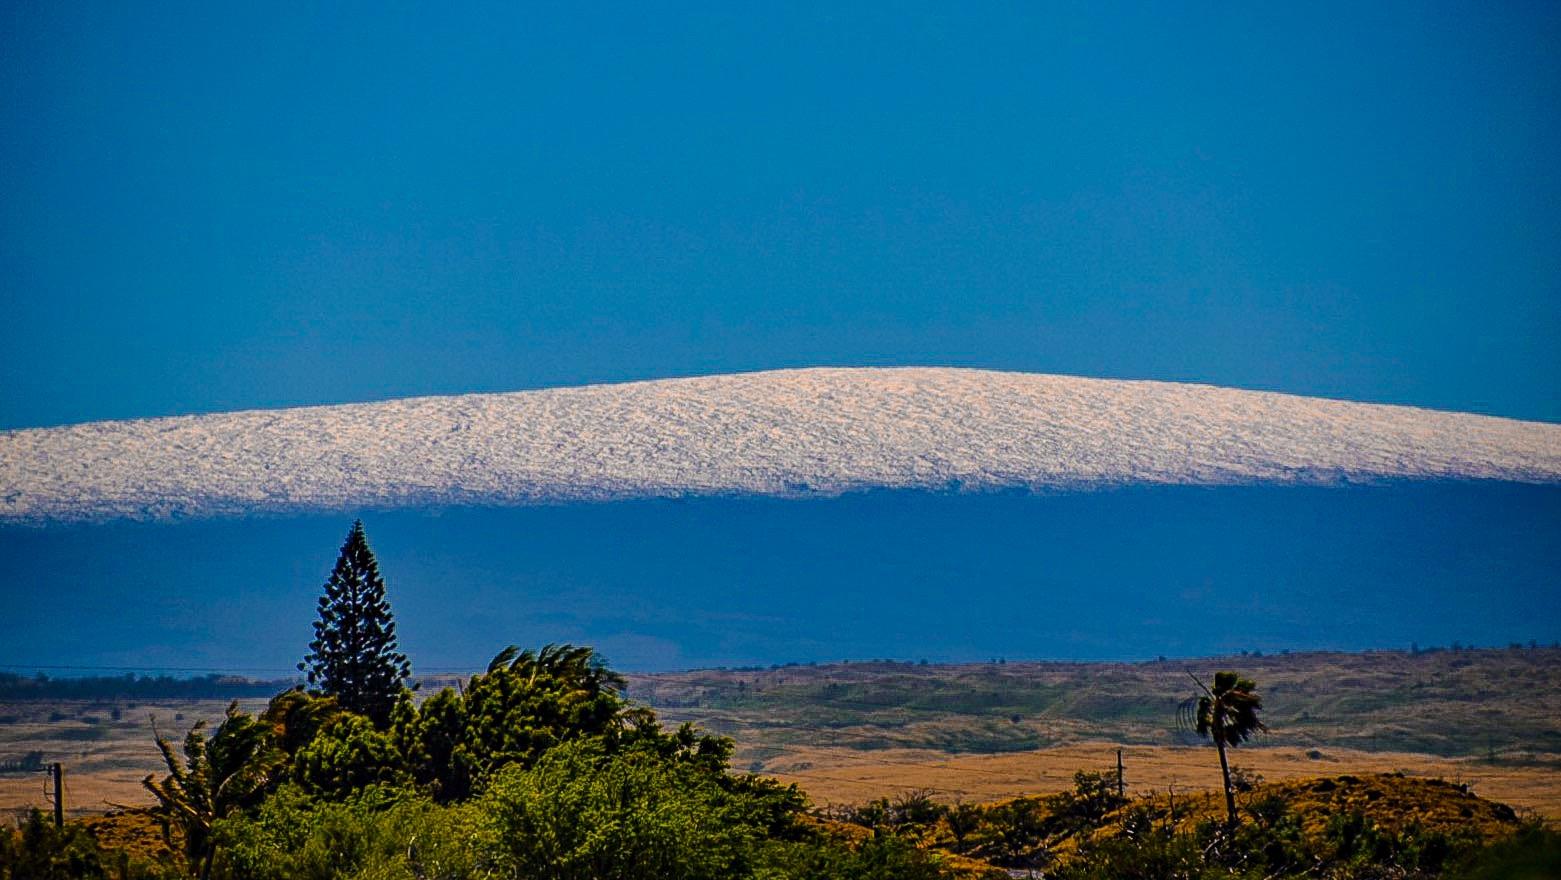 Mauna Loa snow on 3.15.15 - taken from Waikoloa / Image: James Grenz